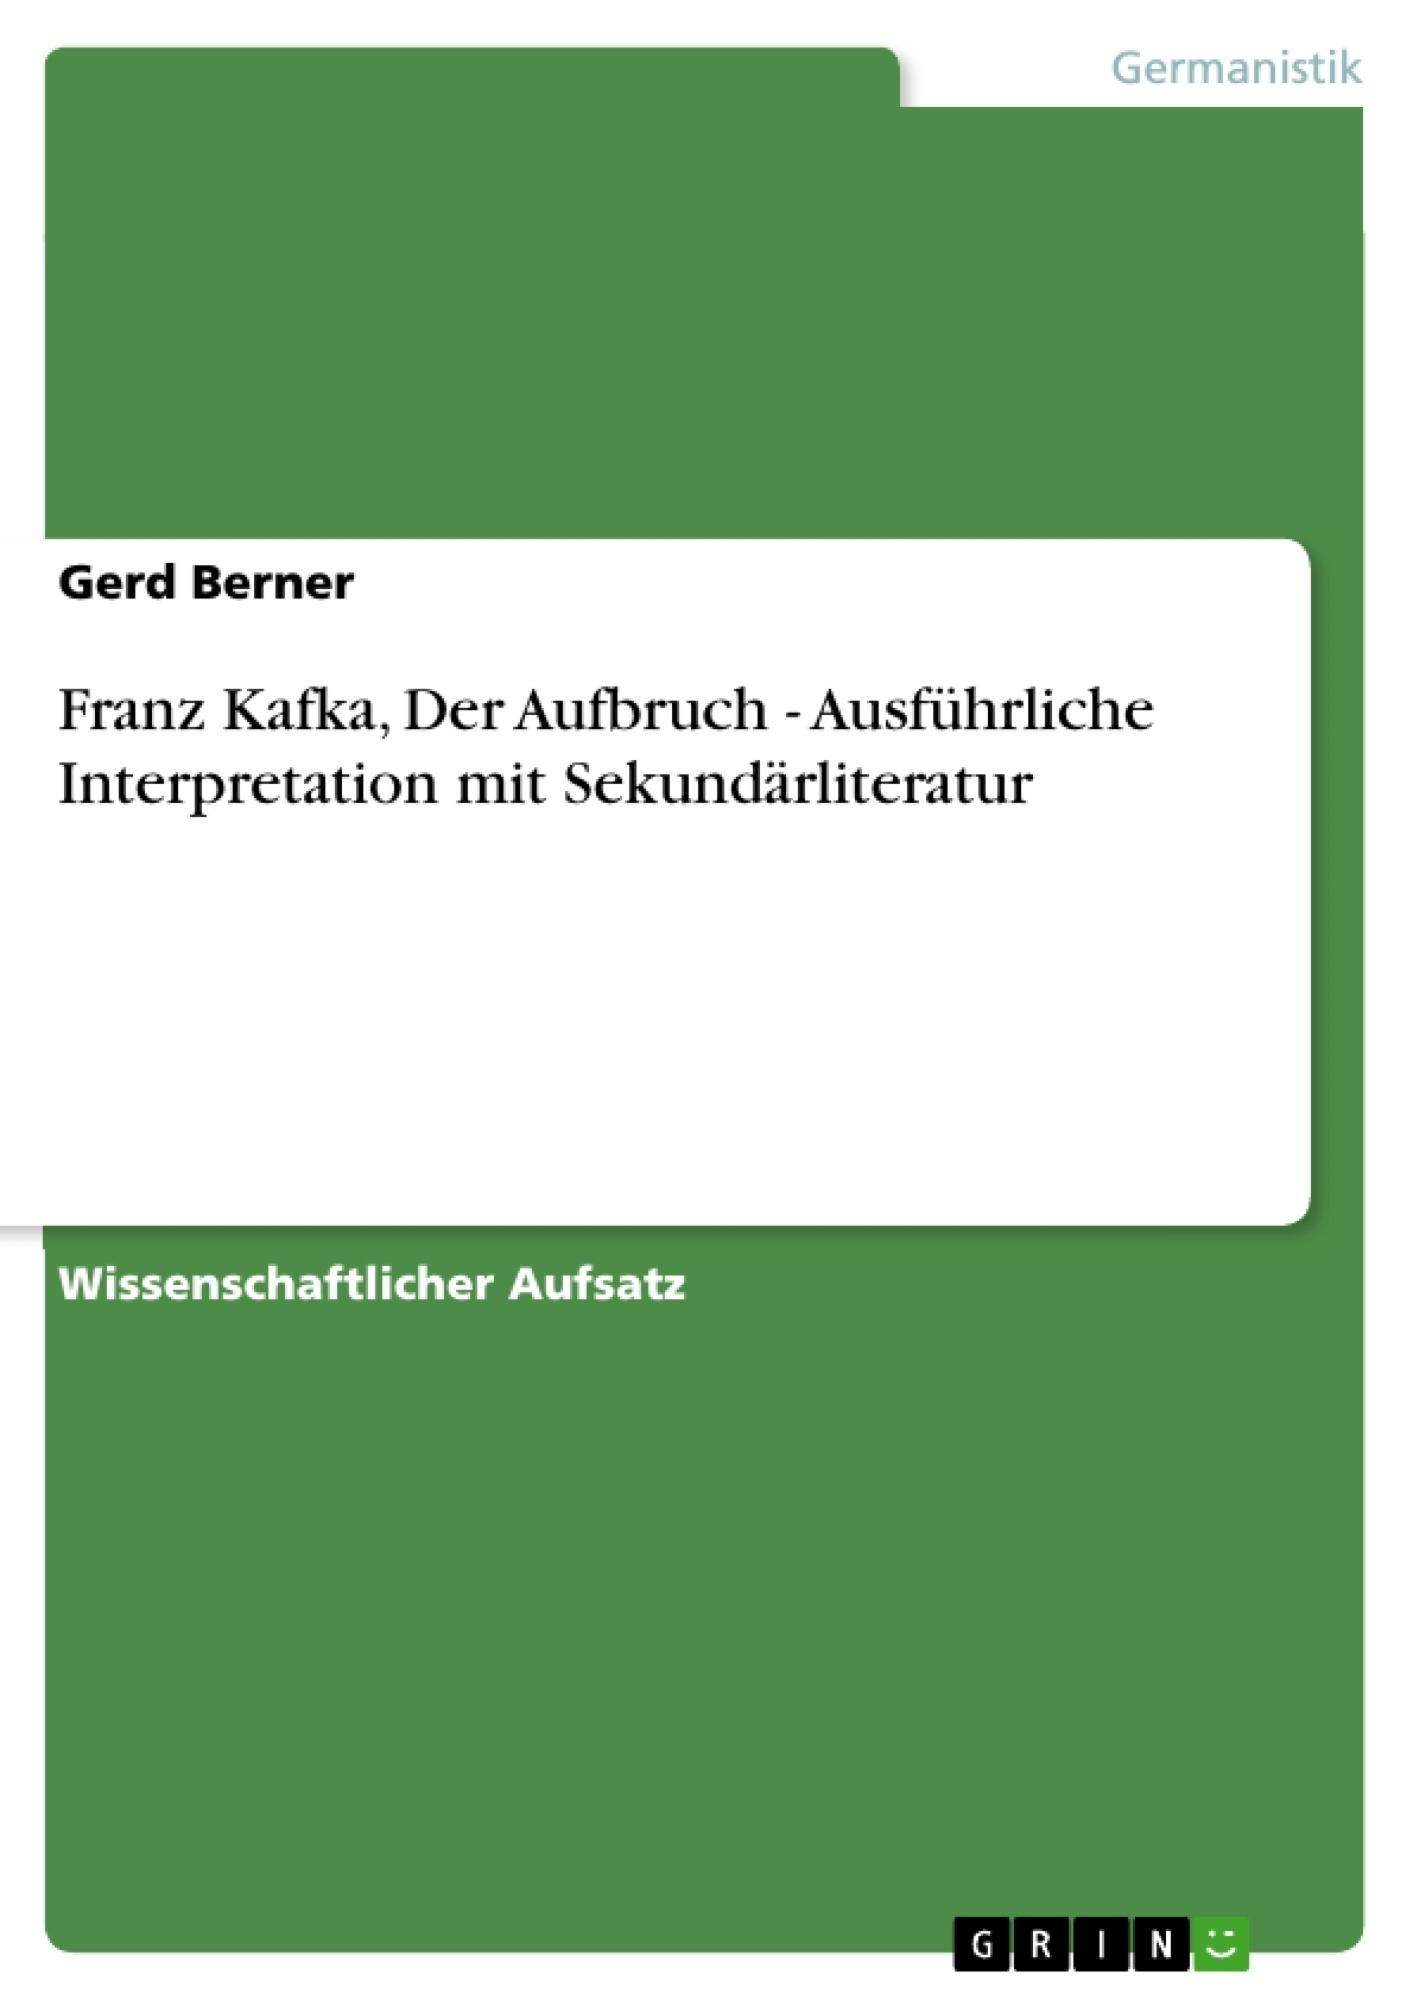 Titel: Franz Kafka, Der Aufbruch - Ausführliche Interpretation mit Sekundärliteratur